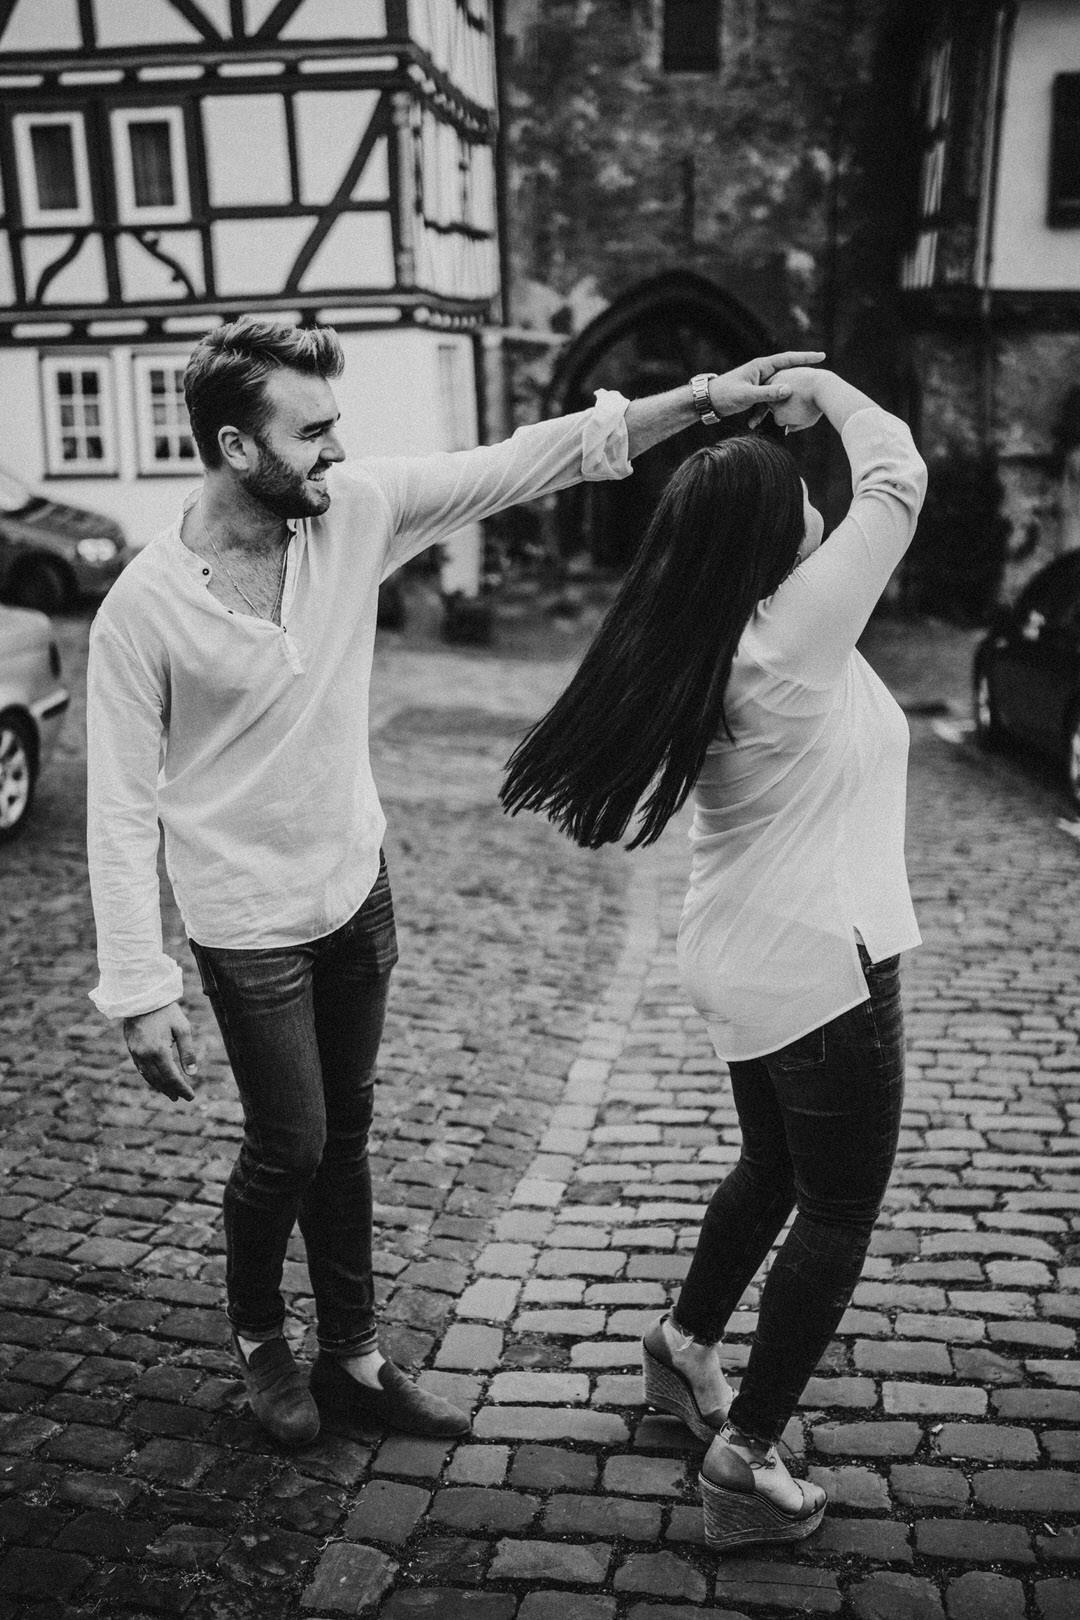 Ideen und Inspiration für natürliche Paarfotografie, Tanzen als Auflockerung für natürlichere Posen